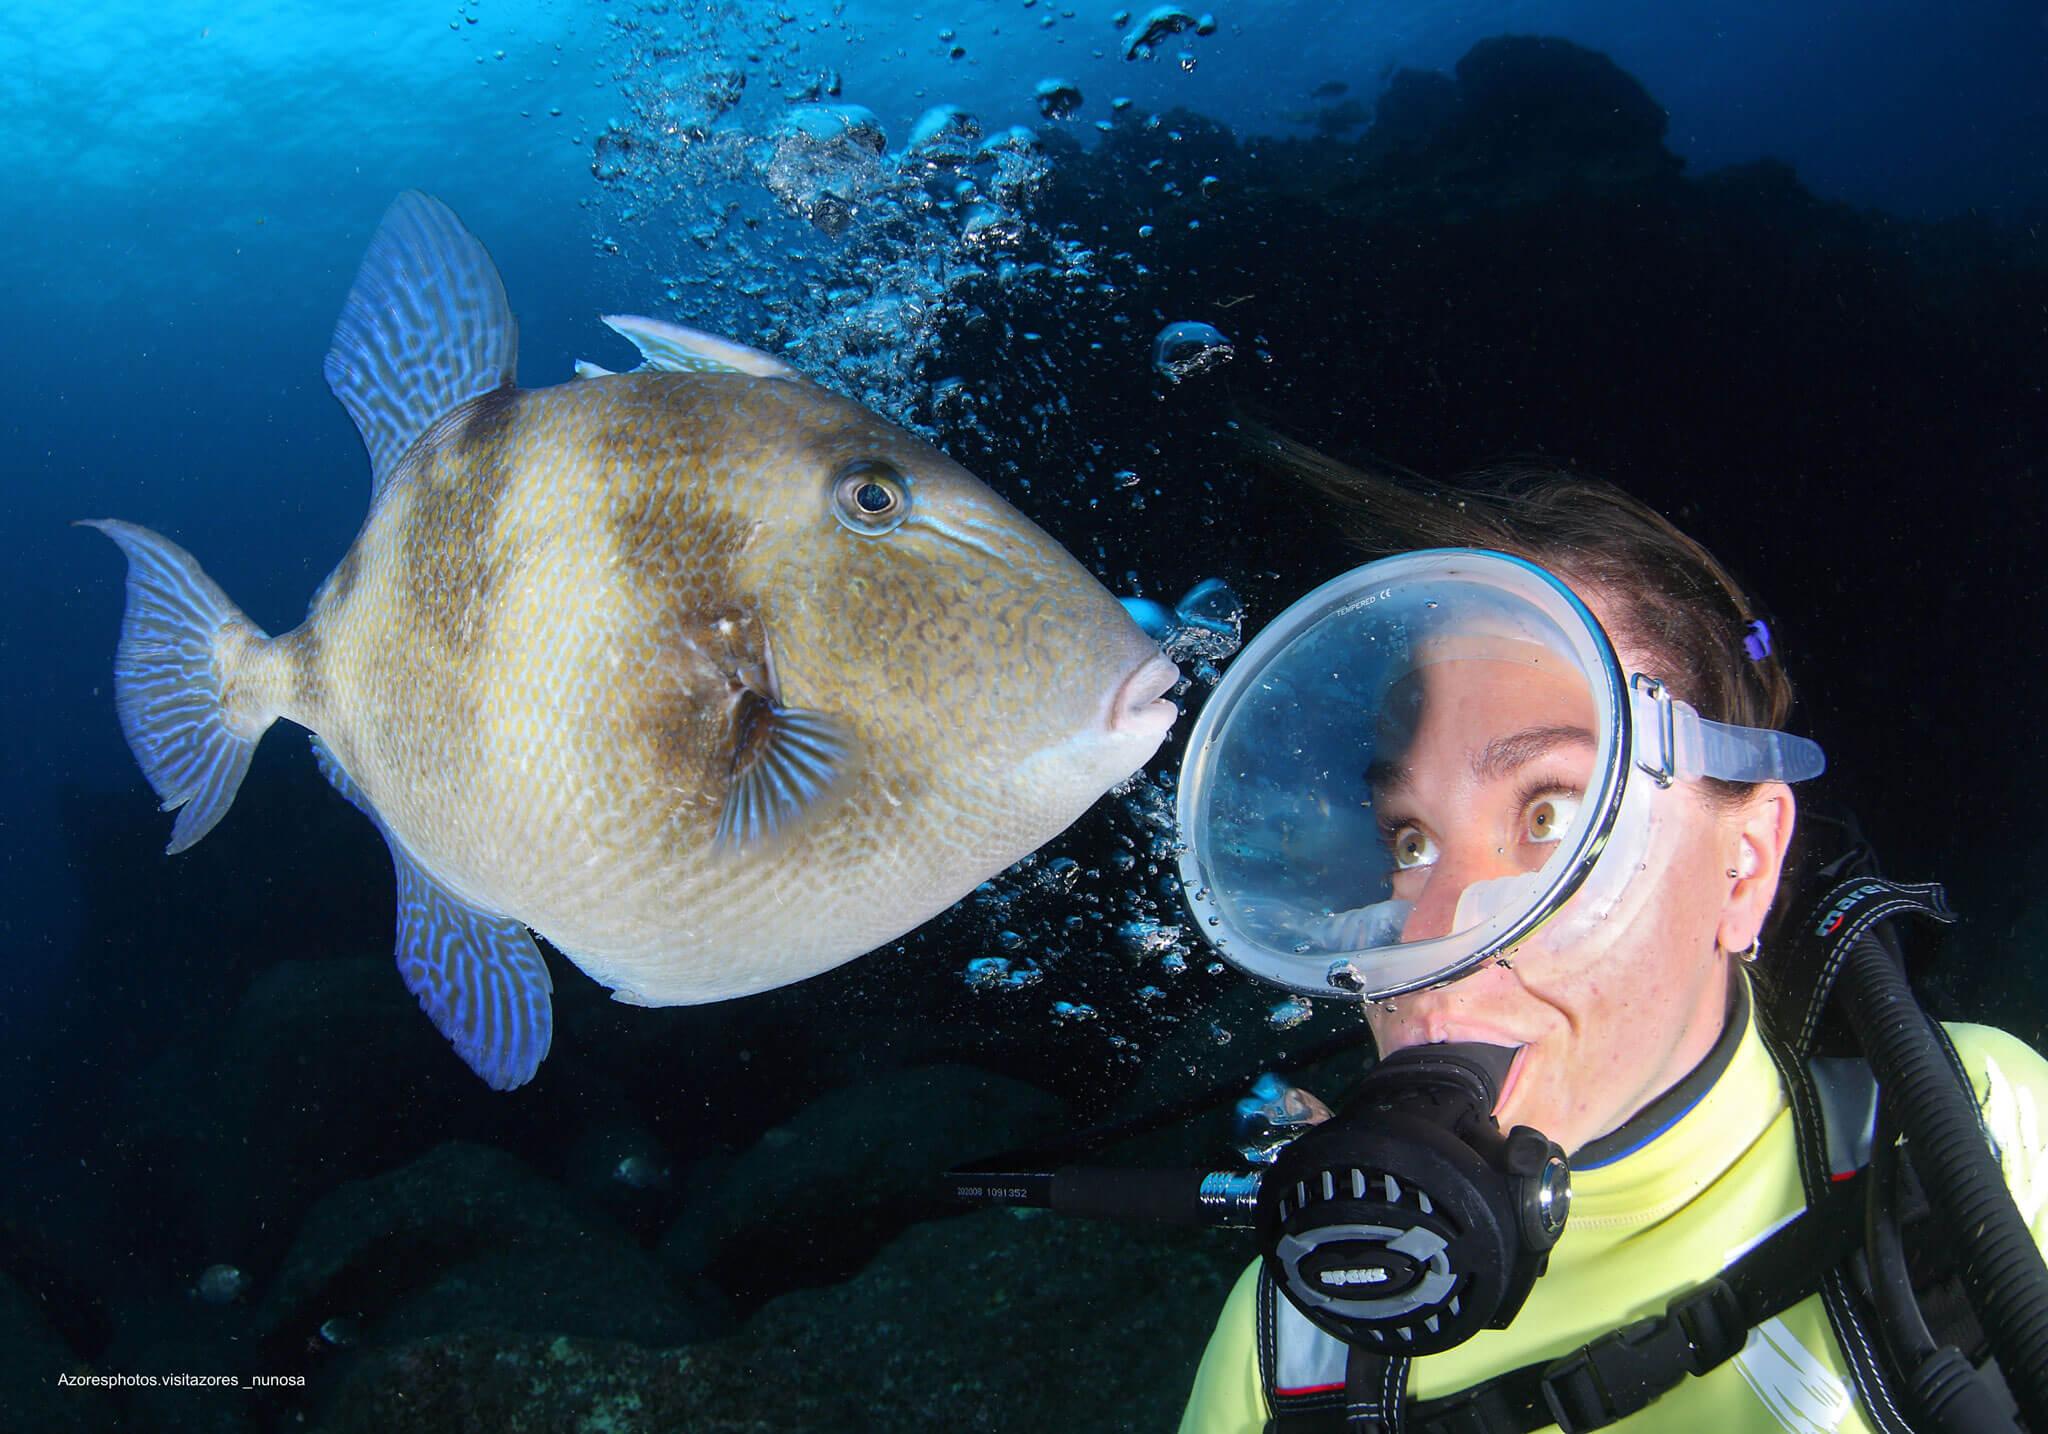 experiencias-mar-mergulho-peixe-explore-terceira